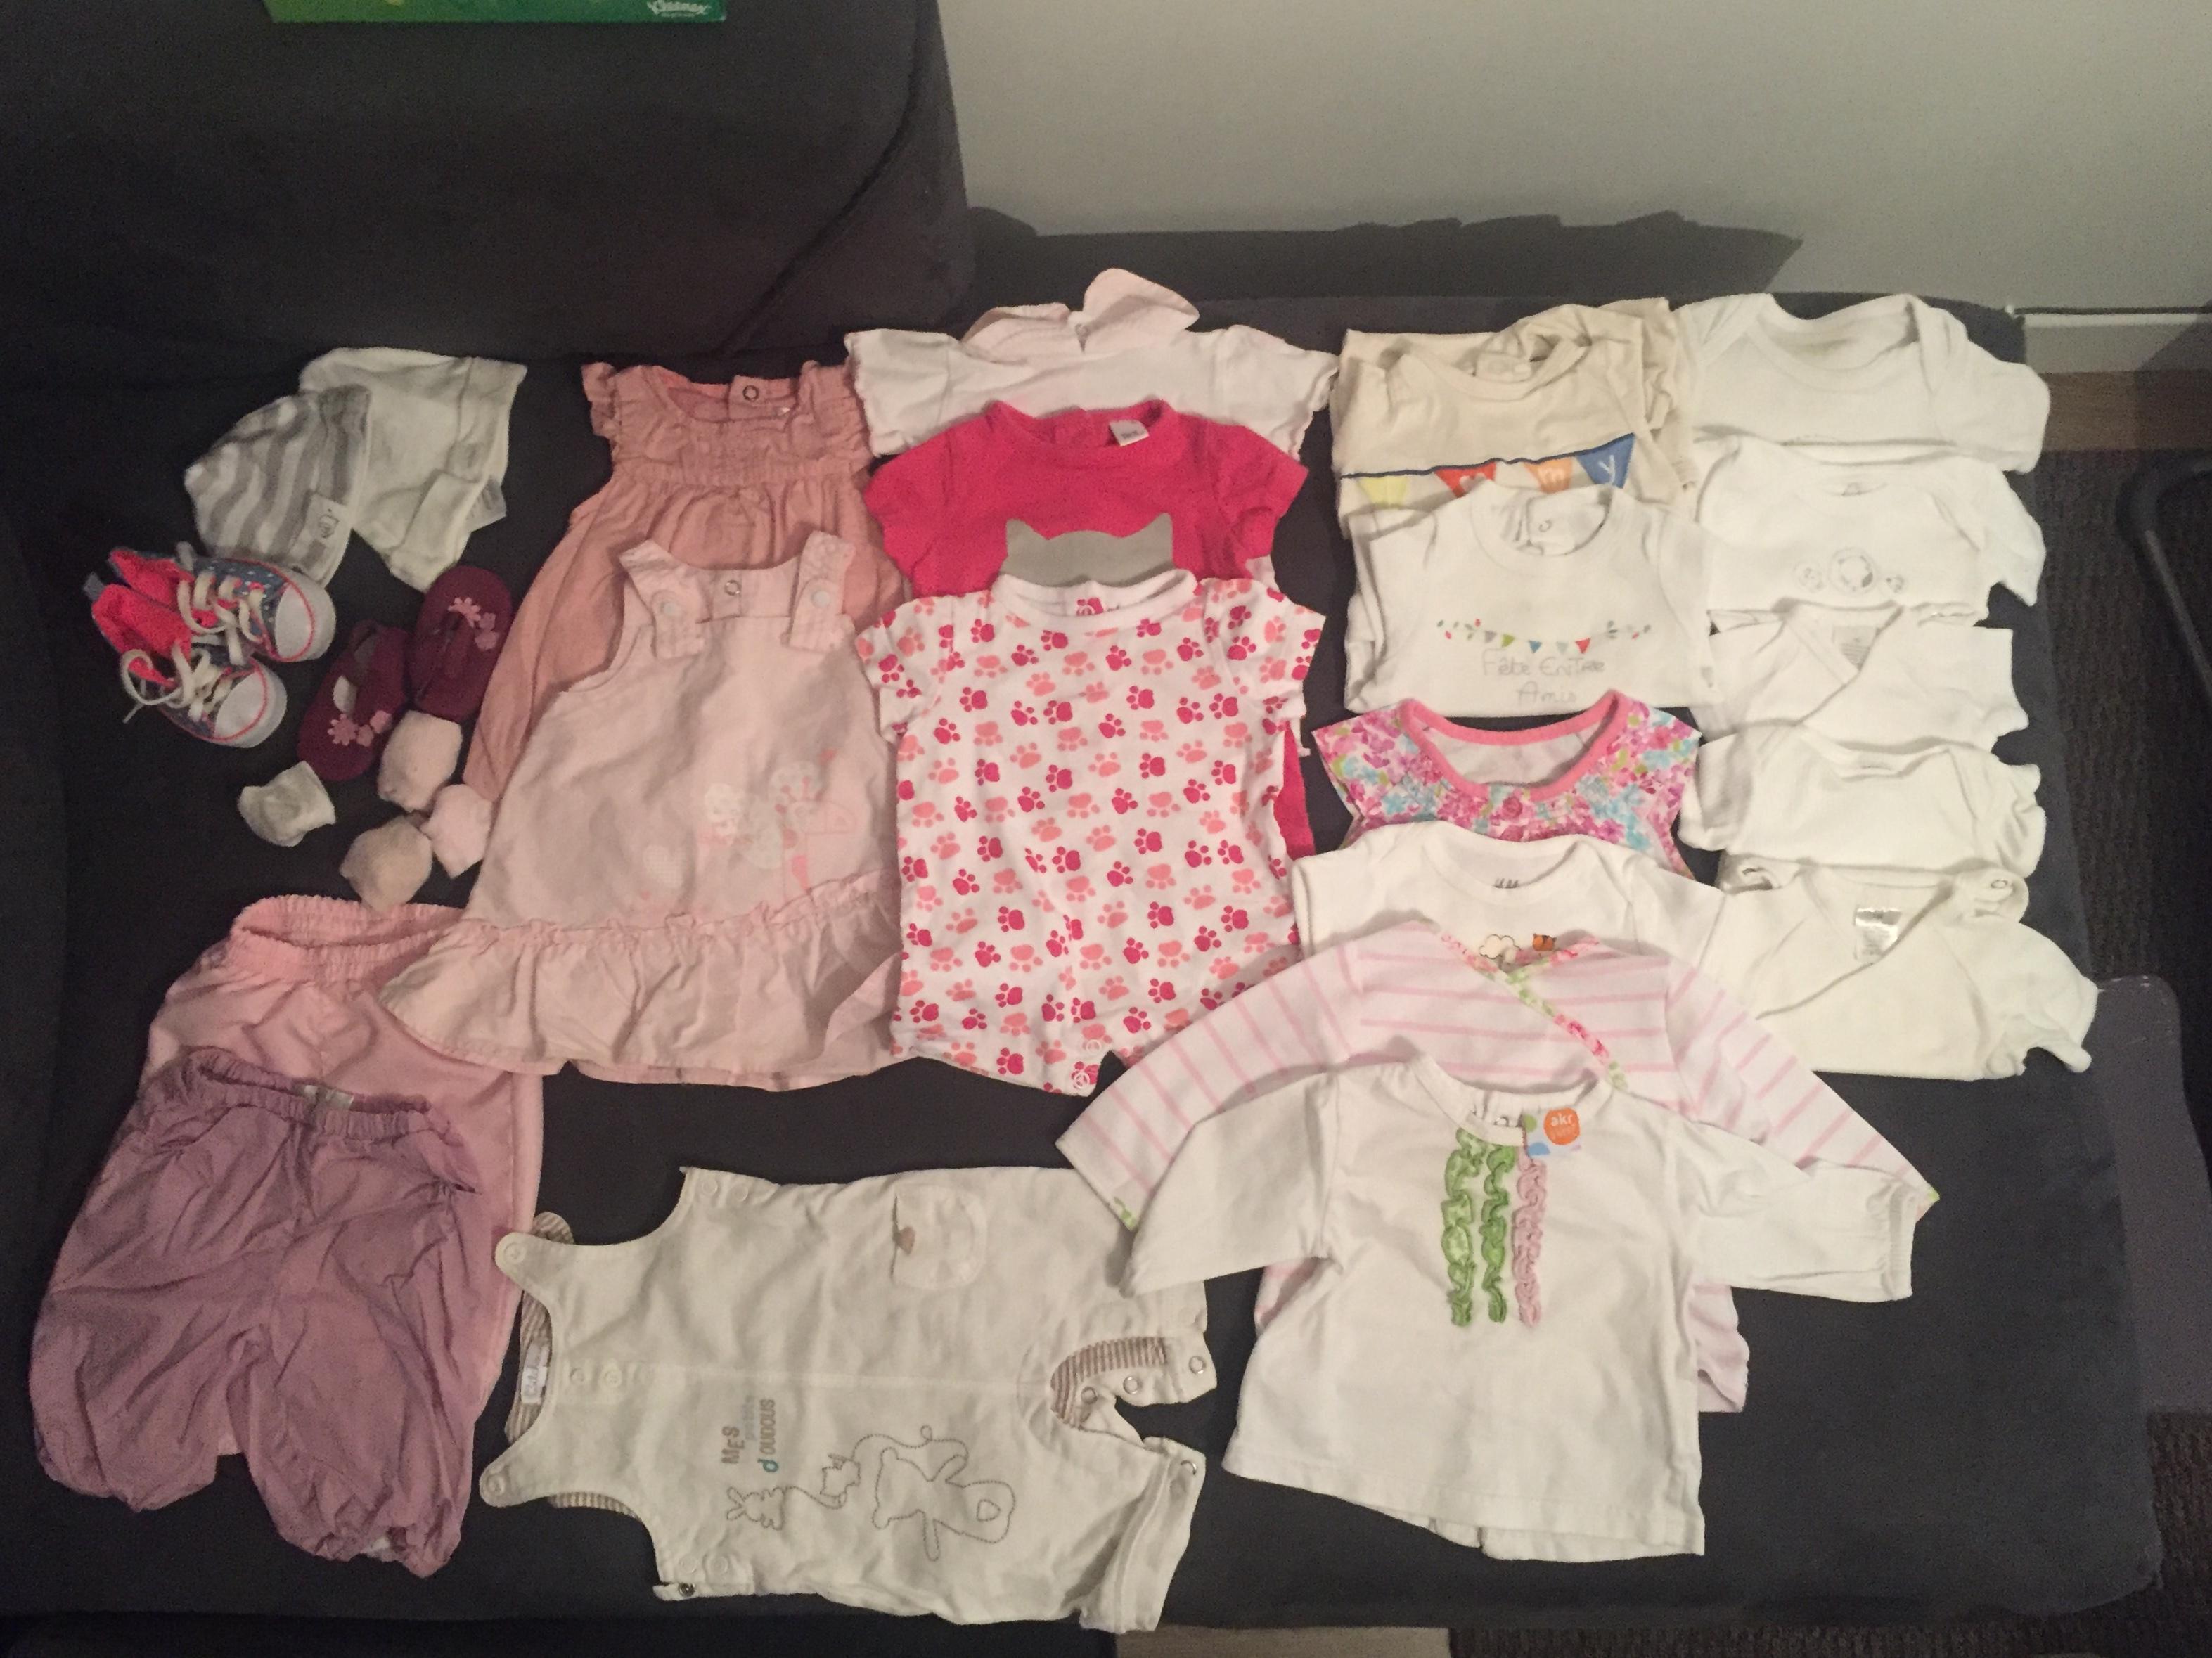 troc de troc lot de vêtements bébé 3 mois saison été image 0